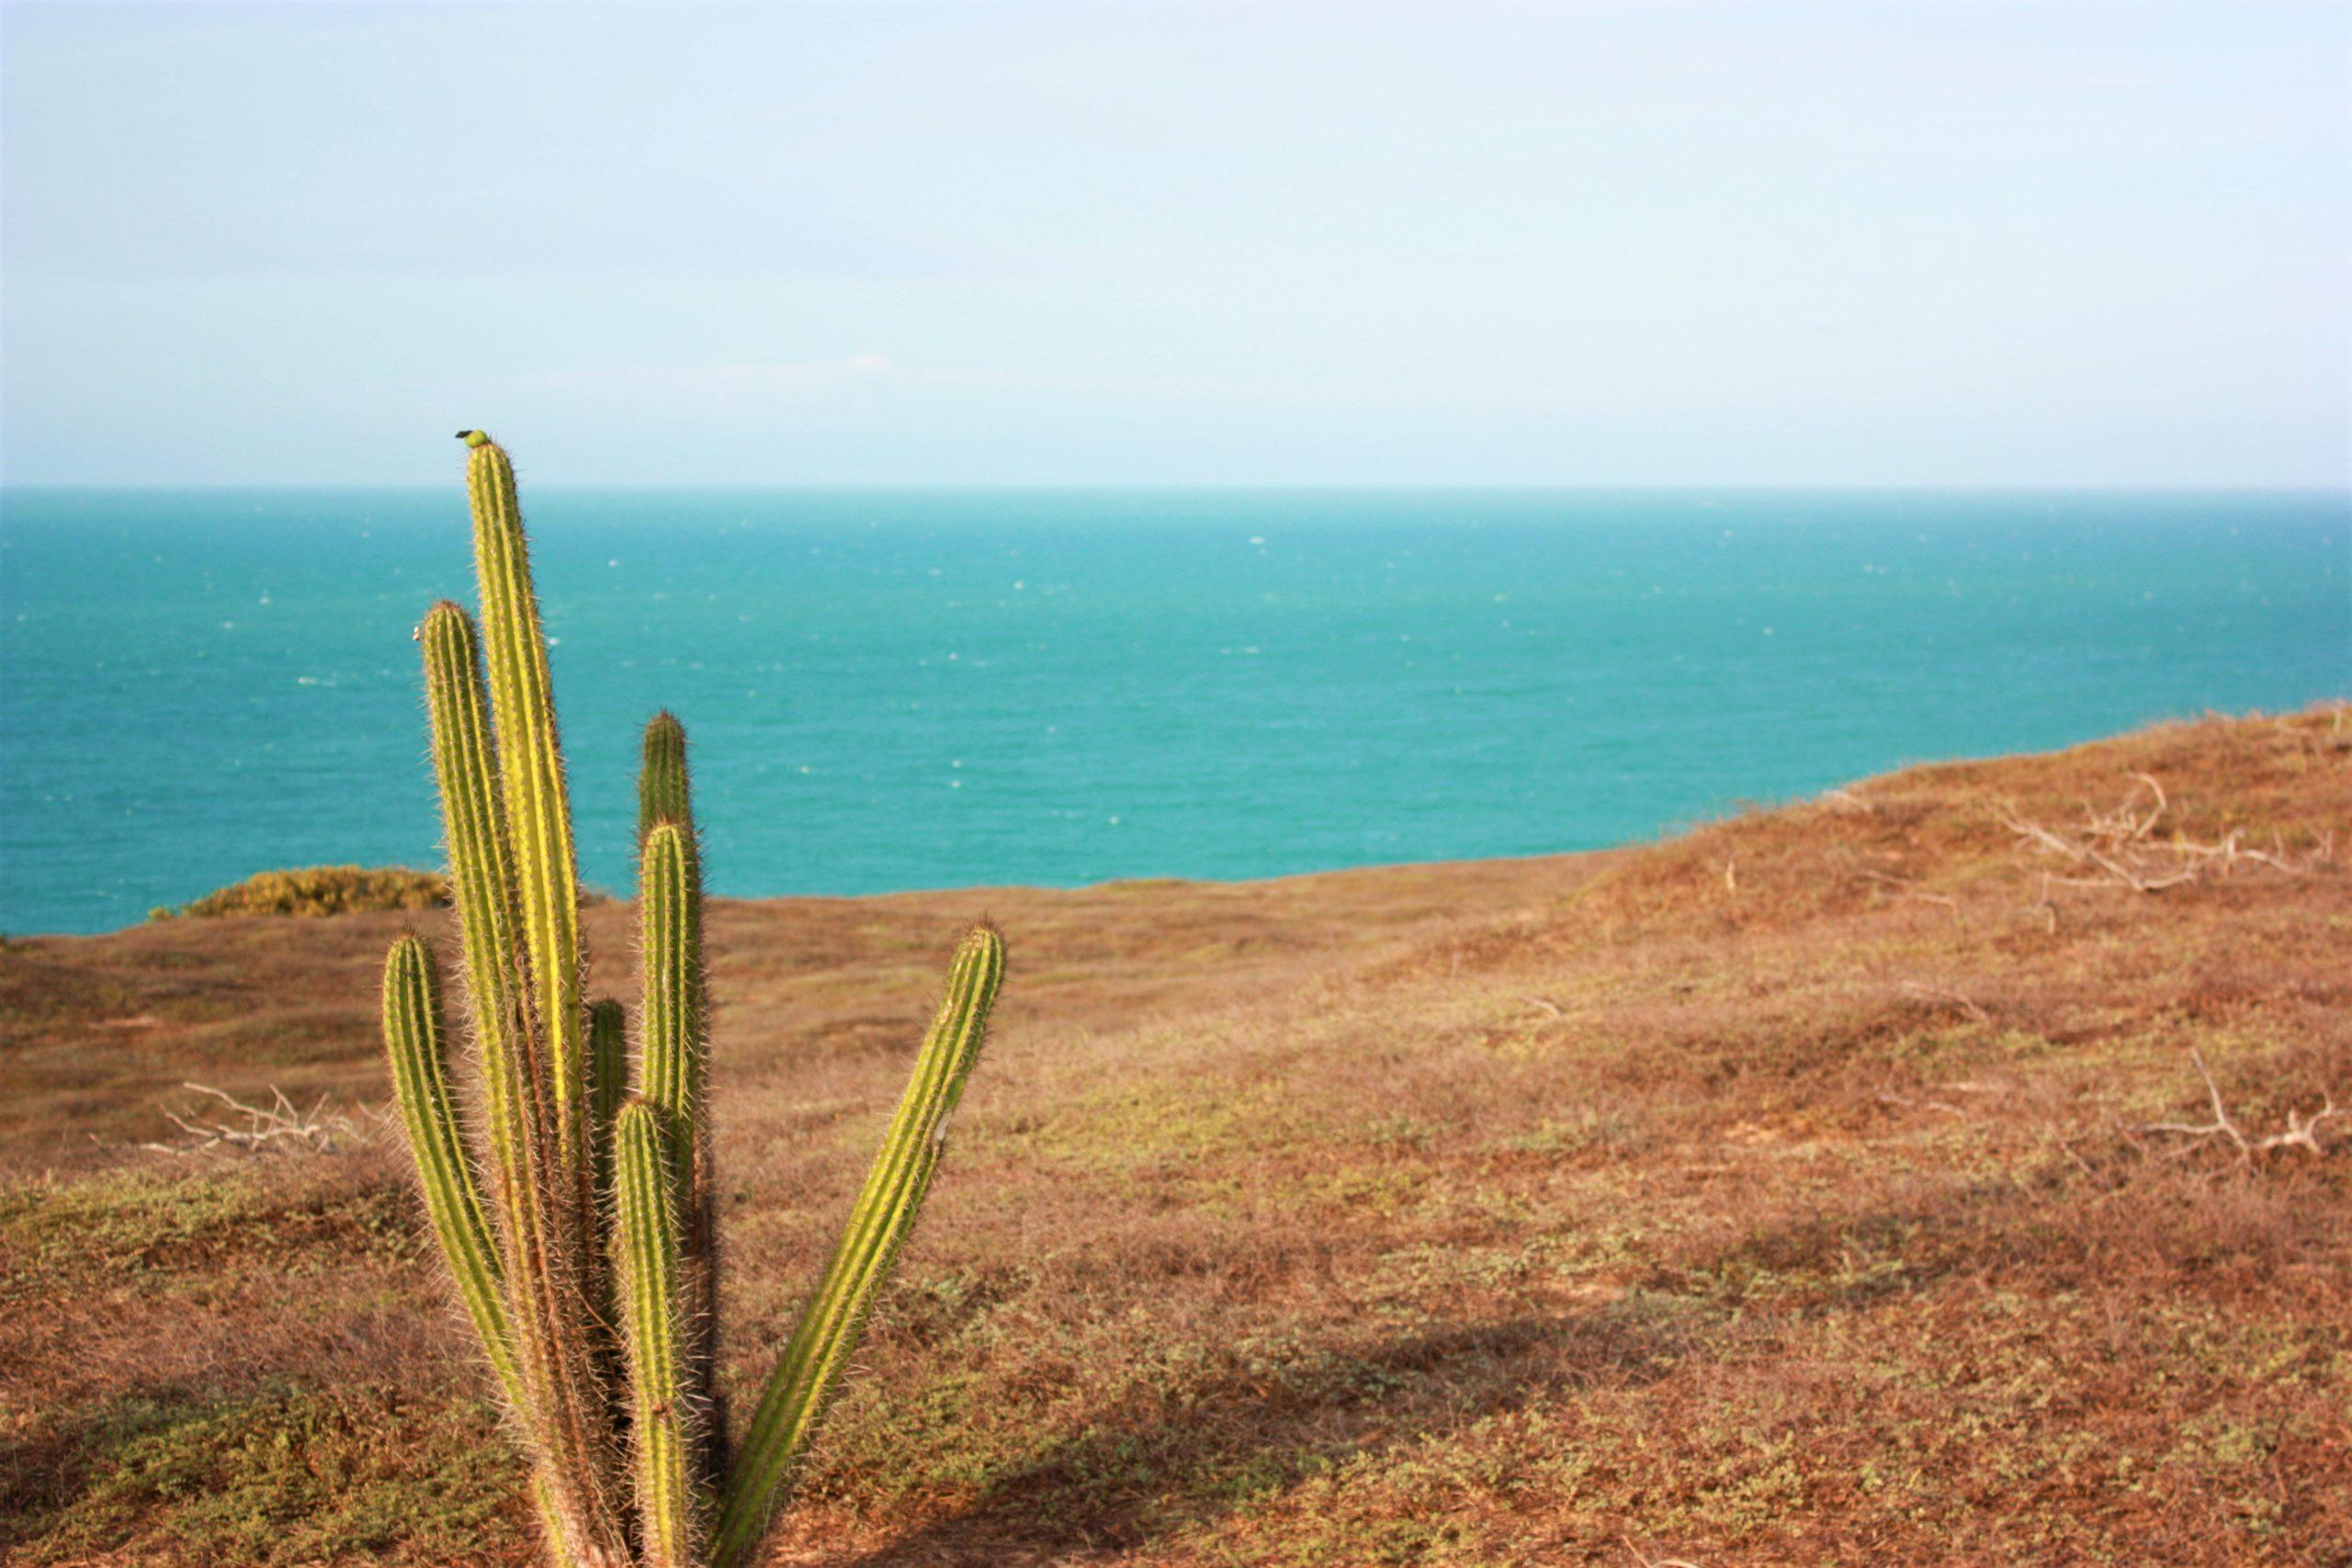 Martwienie się, narzekanie - blog spokój ducha